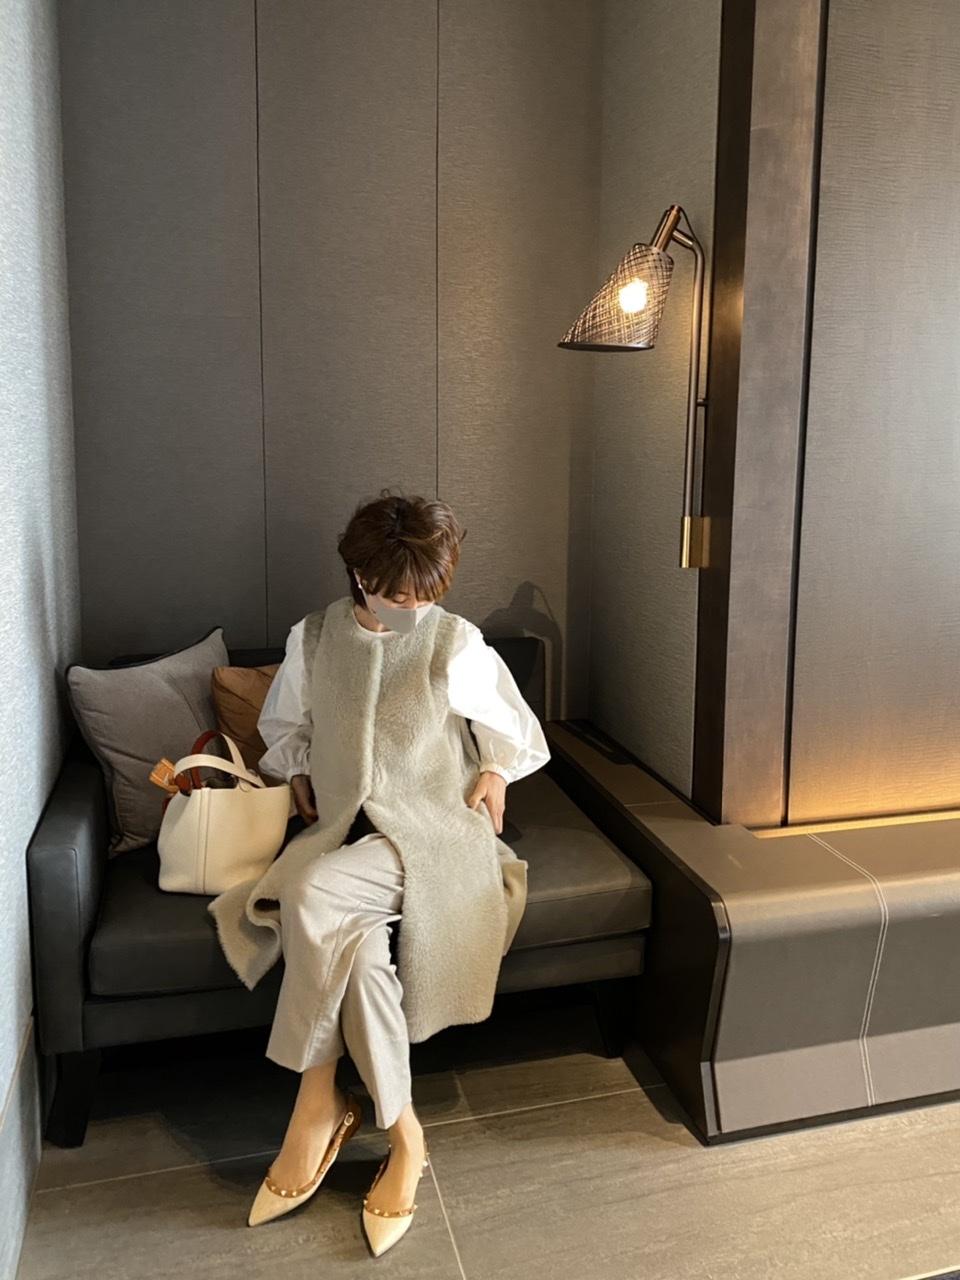 五感を魅了する場所『メズム東京』レストランChef's Theatreへ_1_7